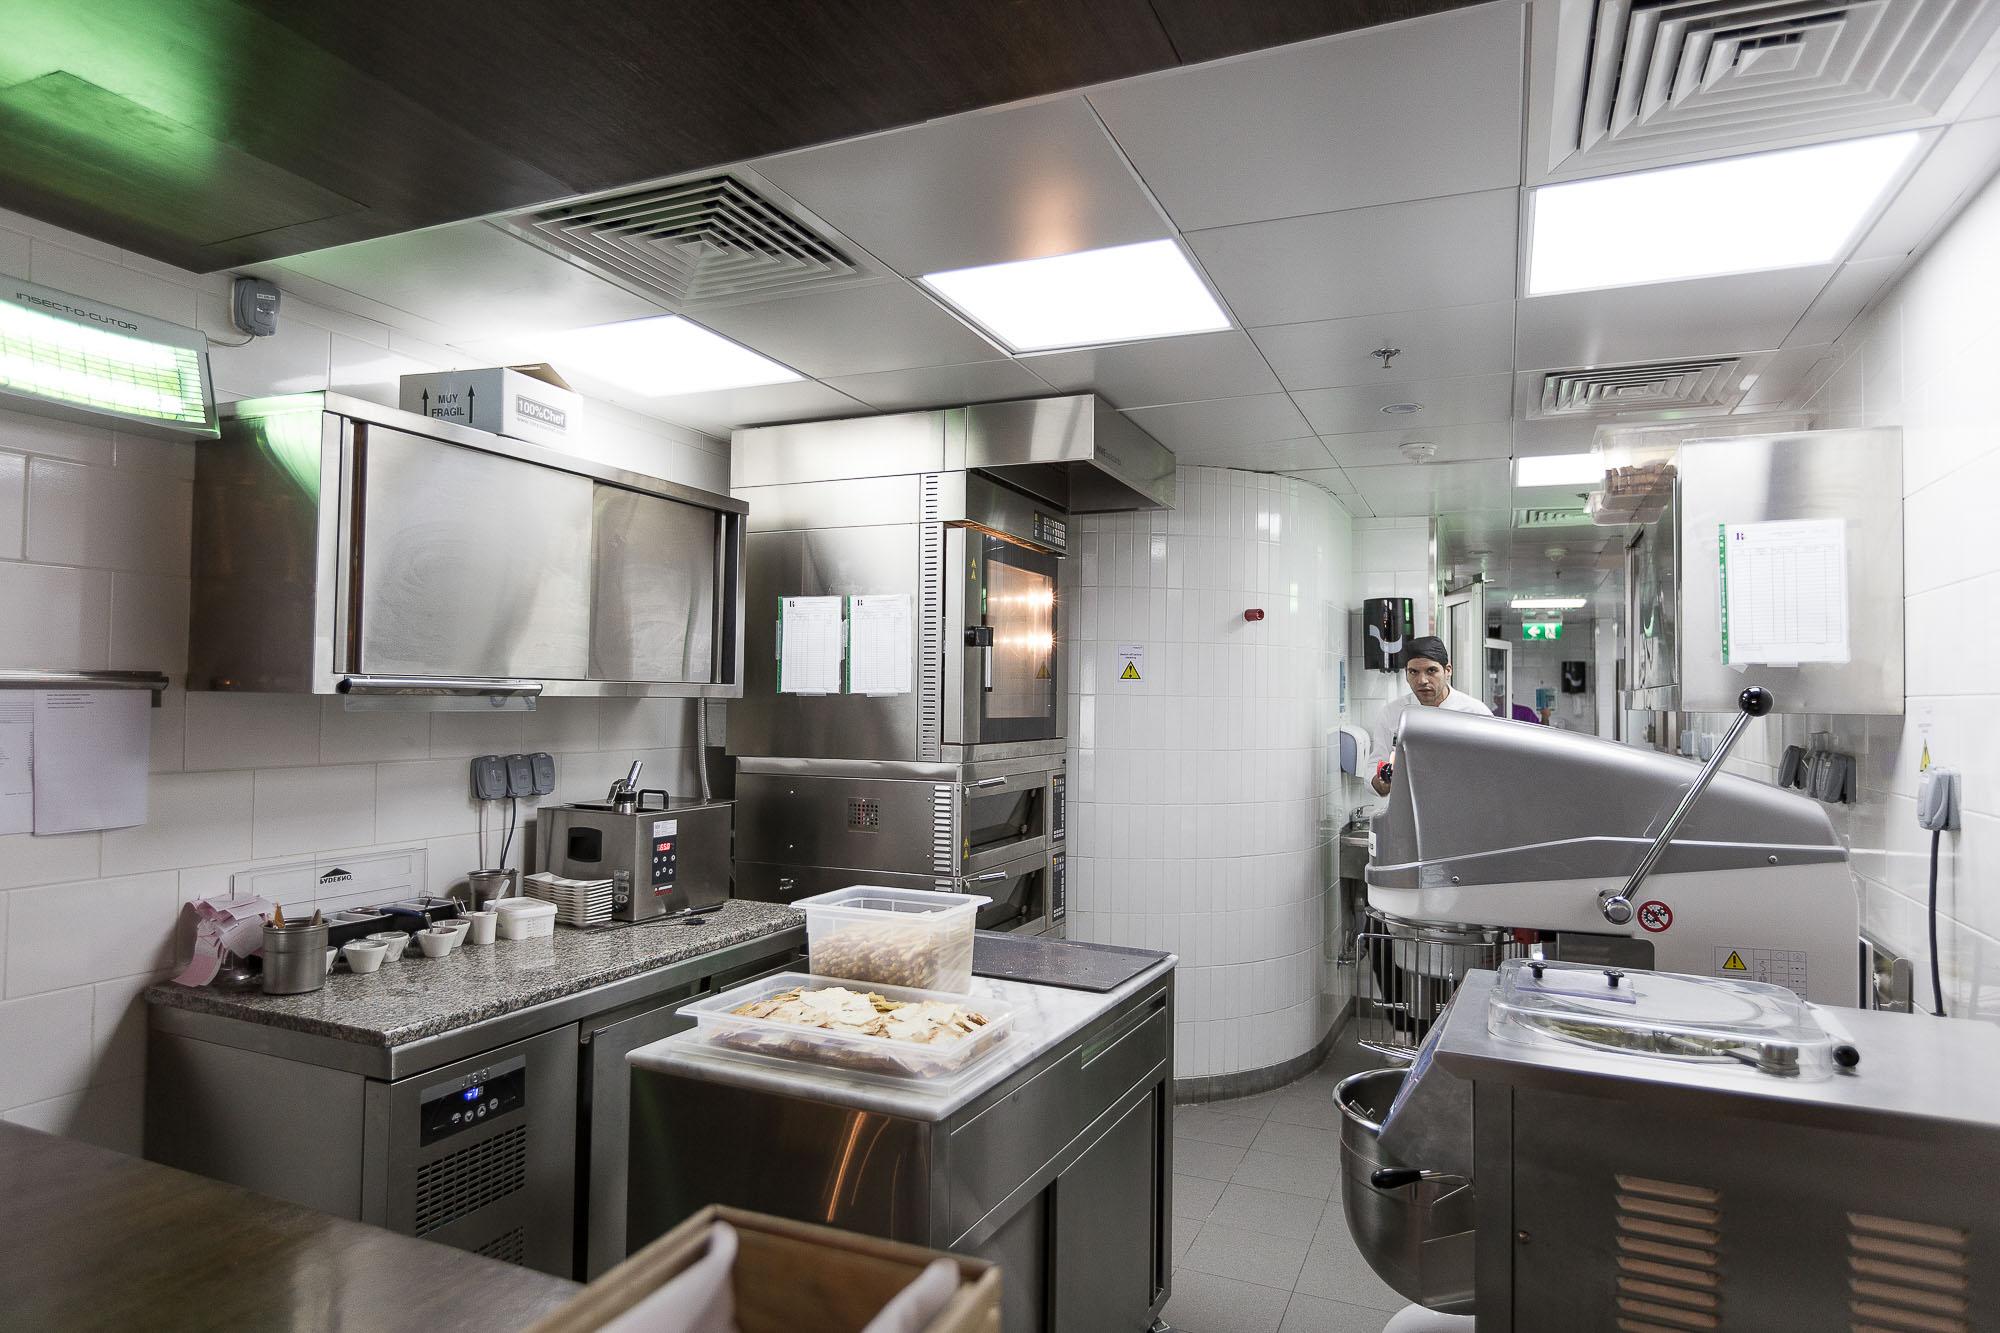 italia_kitchen_robertos_abu_dhabi_24